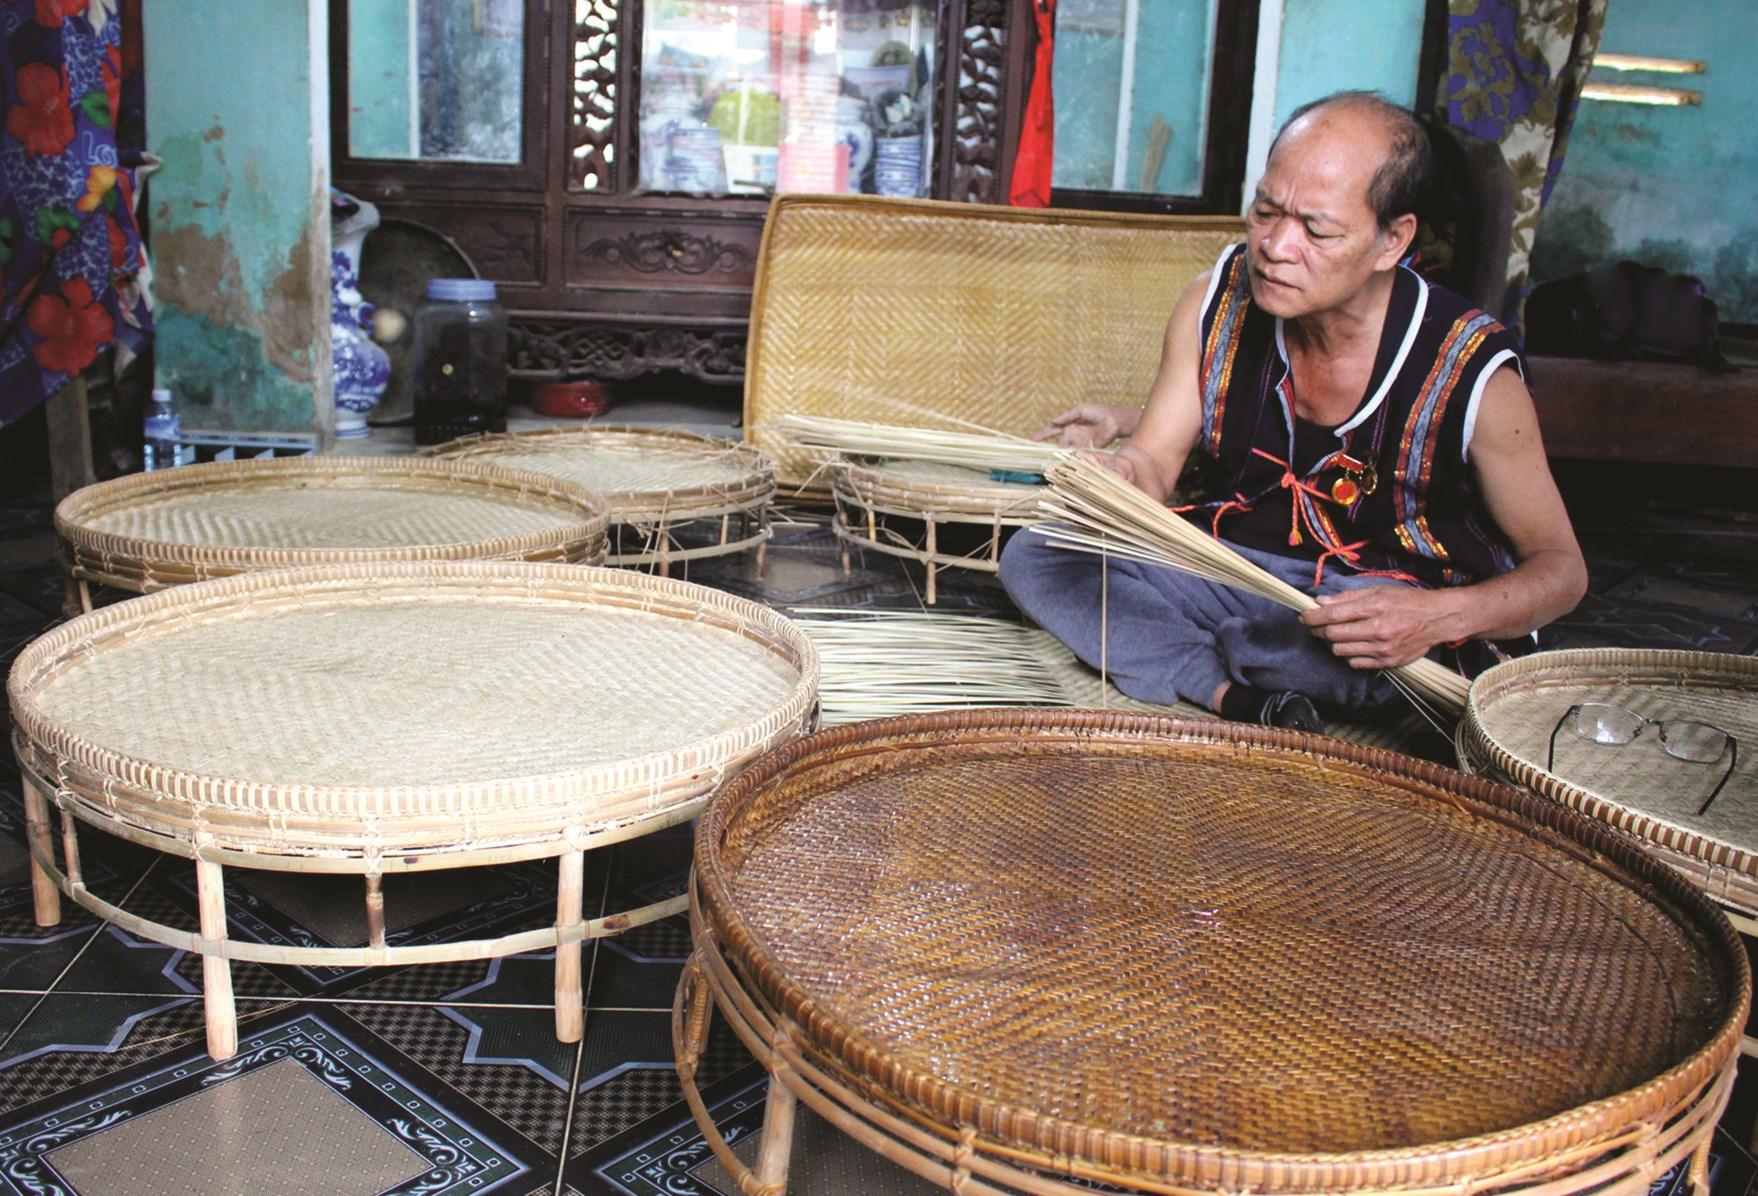 Già làng uy tín Alăng Phương đang đan mâm mây giữ nghề đan đát truyền thống của người Cơ Tu.